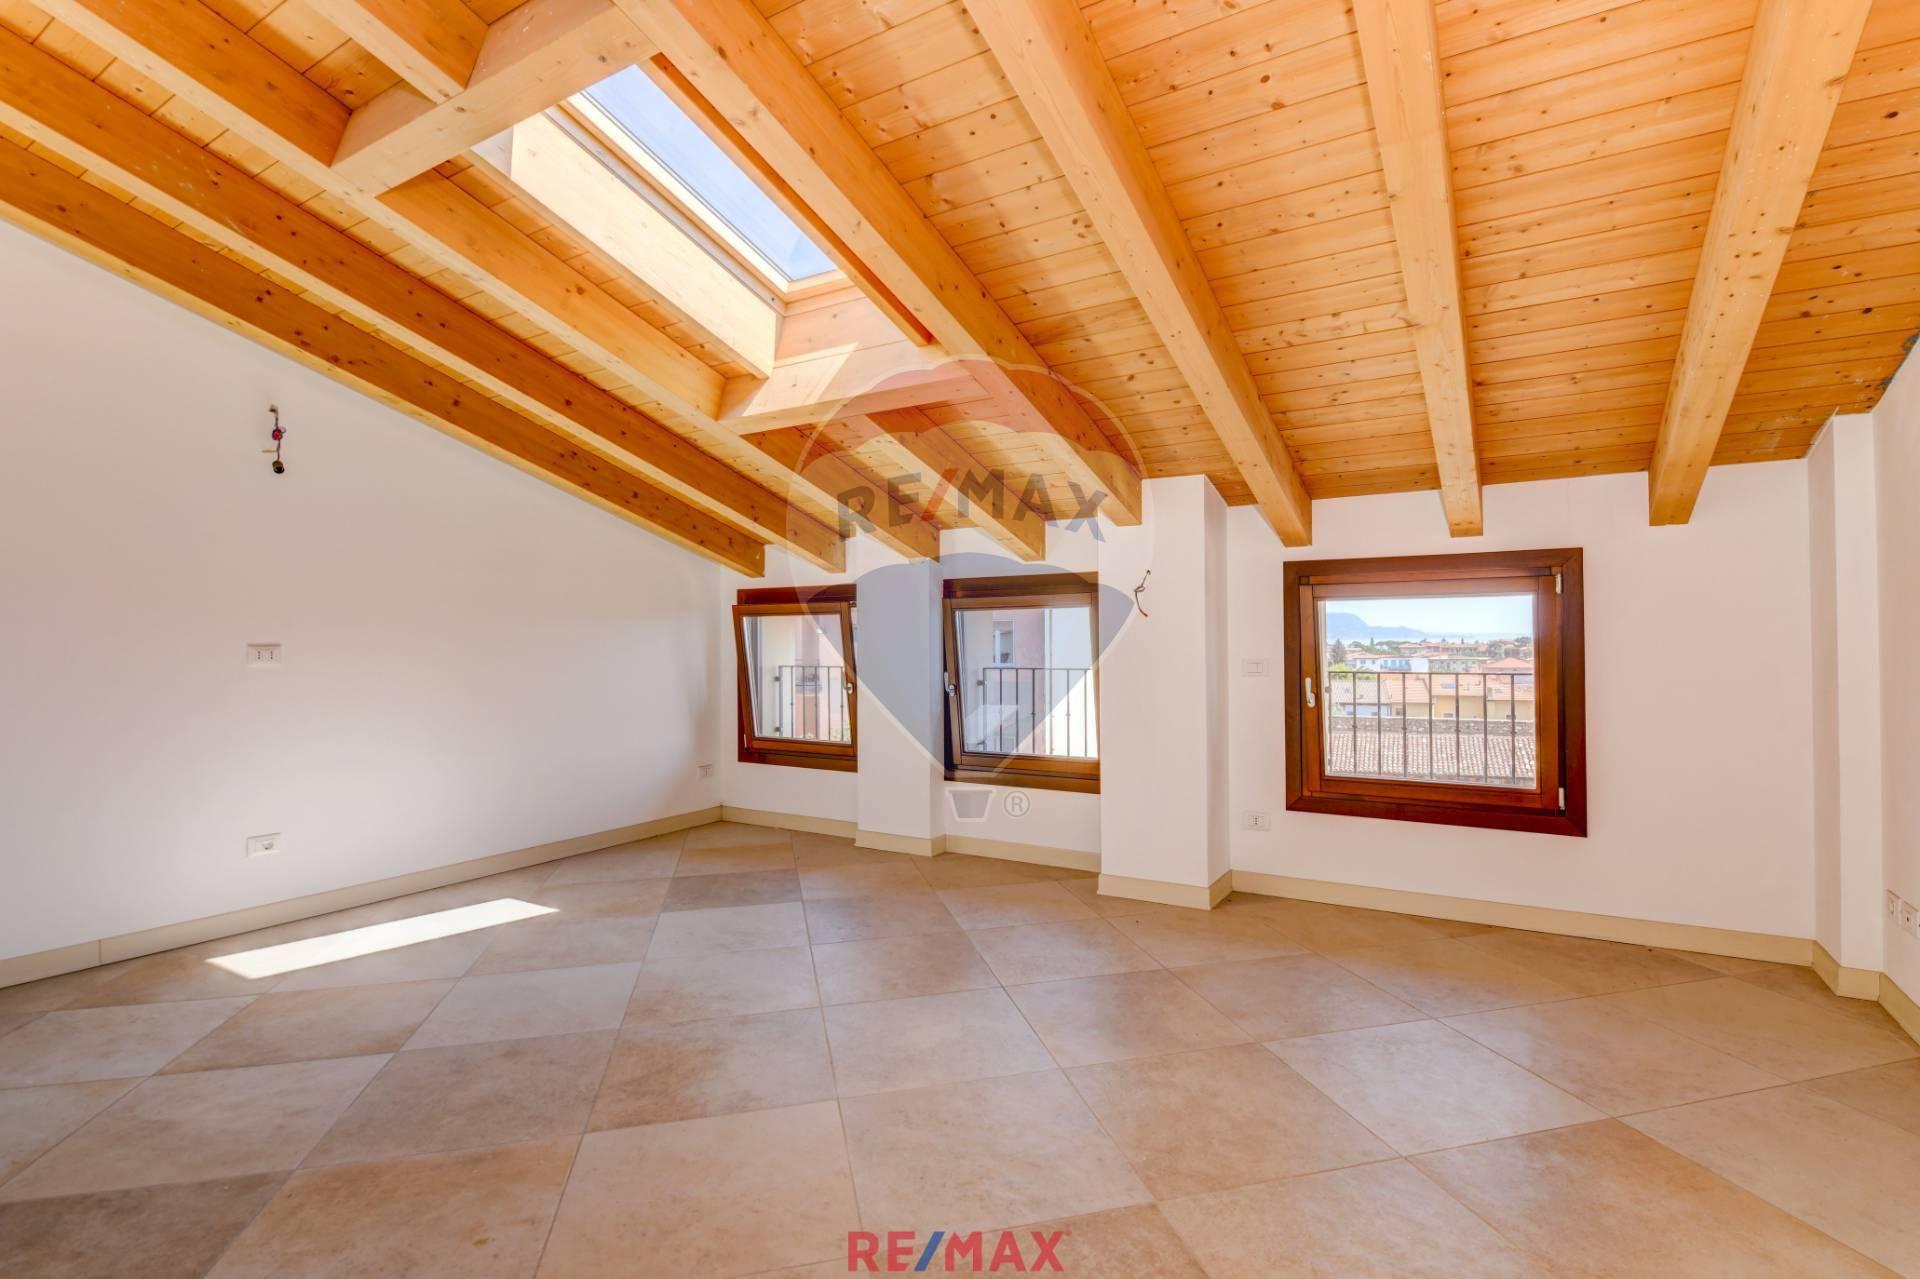 Appartamento in vendita a Toscolano-Maderno, 3 locali, zona Zona: Maderno, prezzo € 175.000 | CambioCasa.it